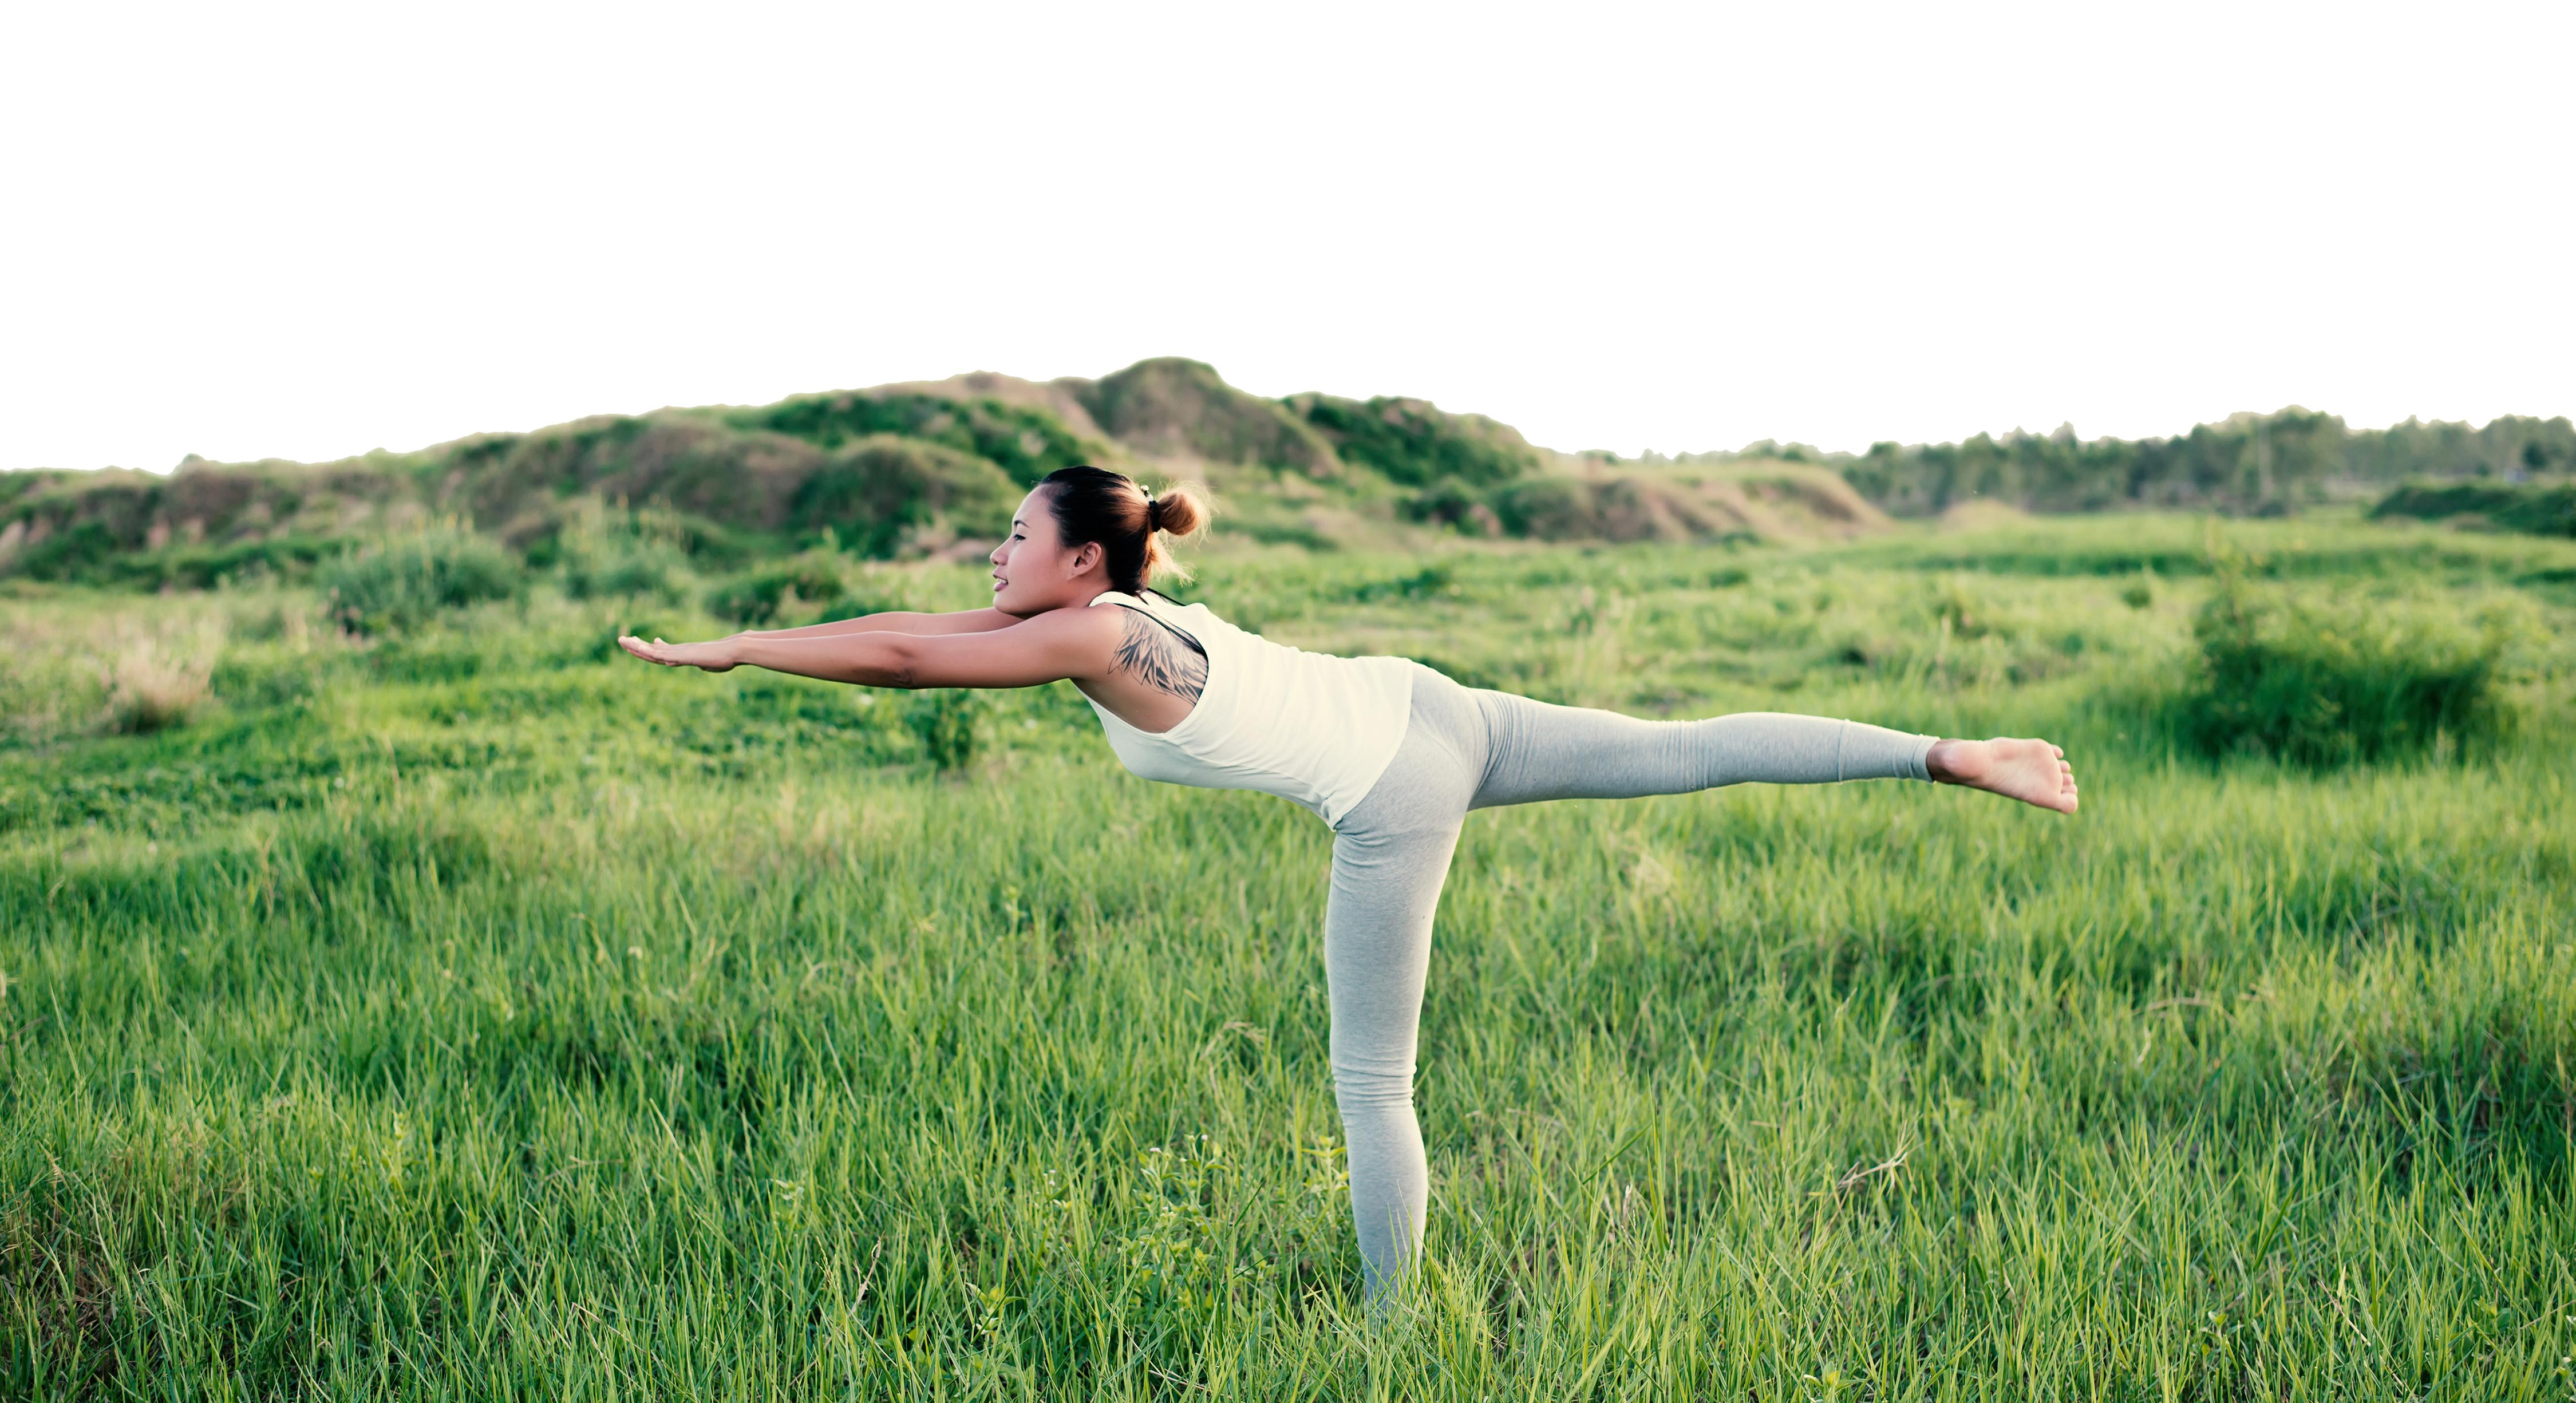 woman legs sport